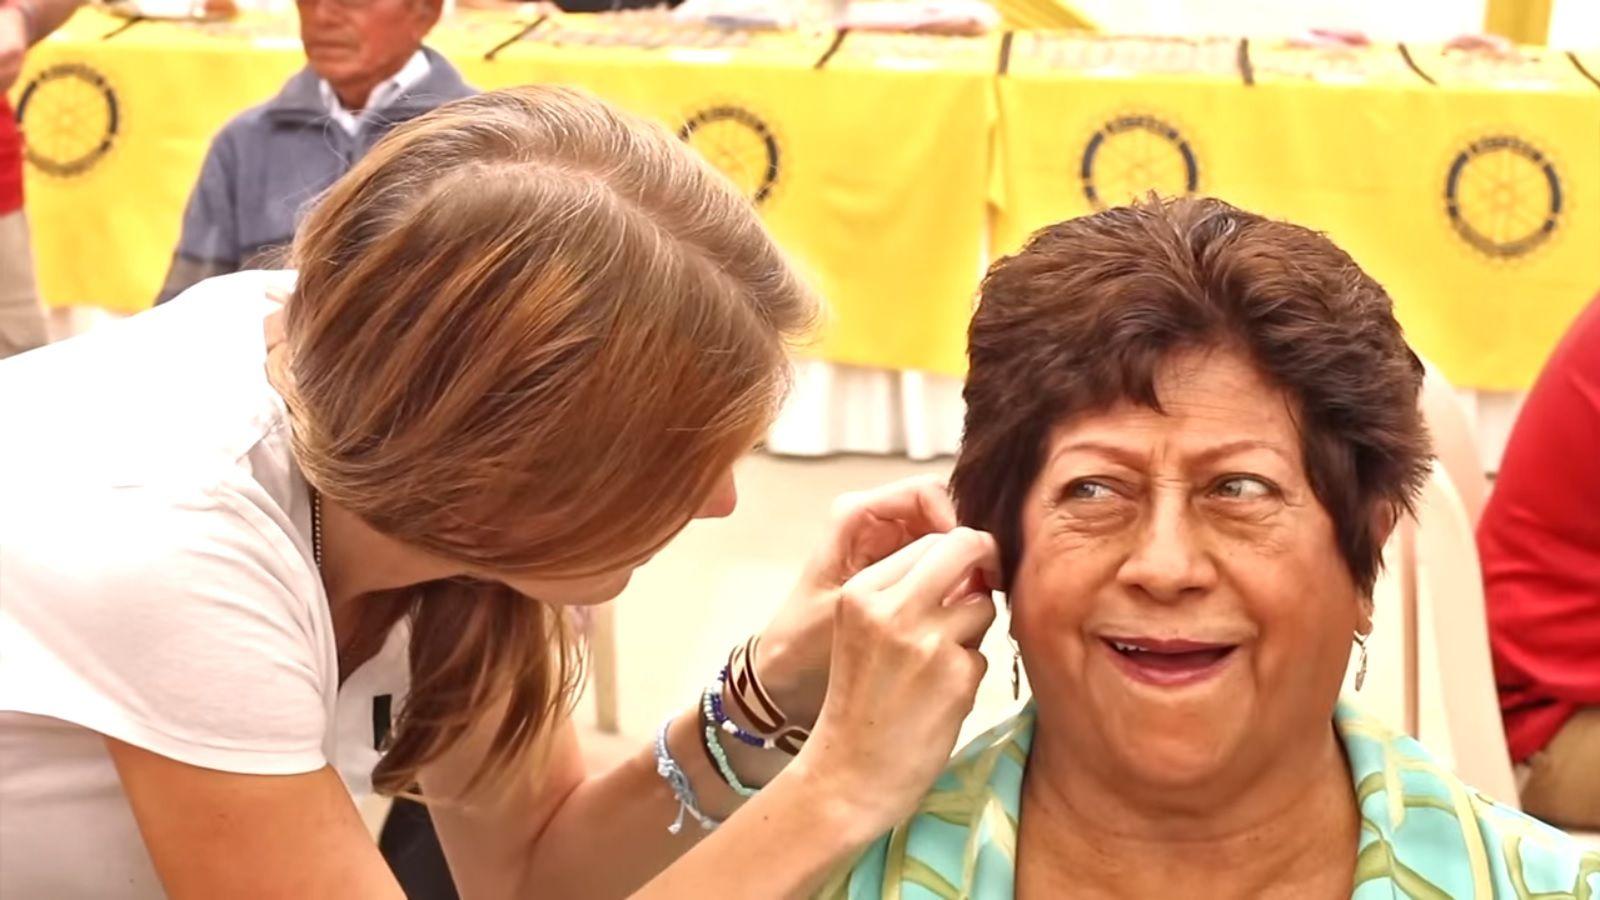 Imagen 1 de publicidad en youtube